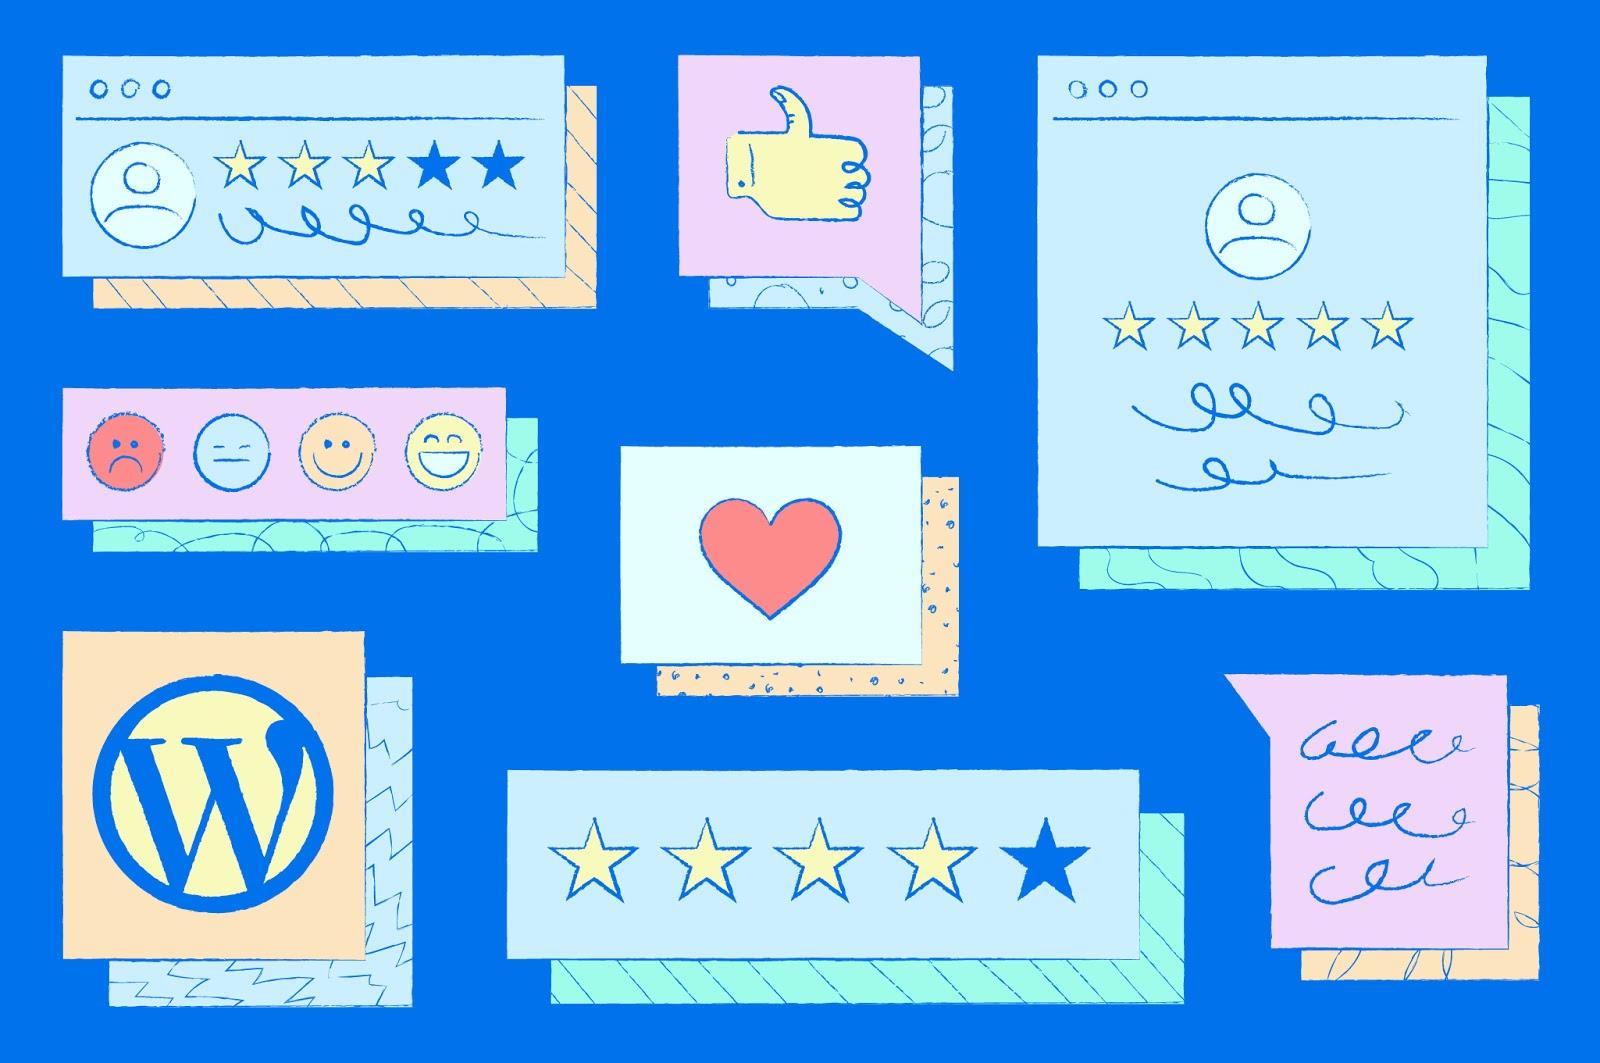 come-creare-un-sito-di-recensioni-in-wordpress